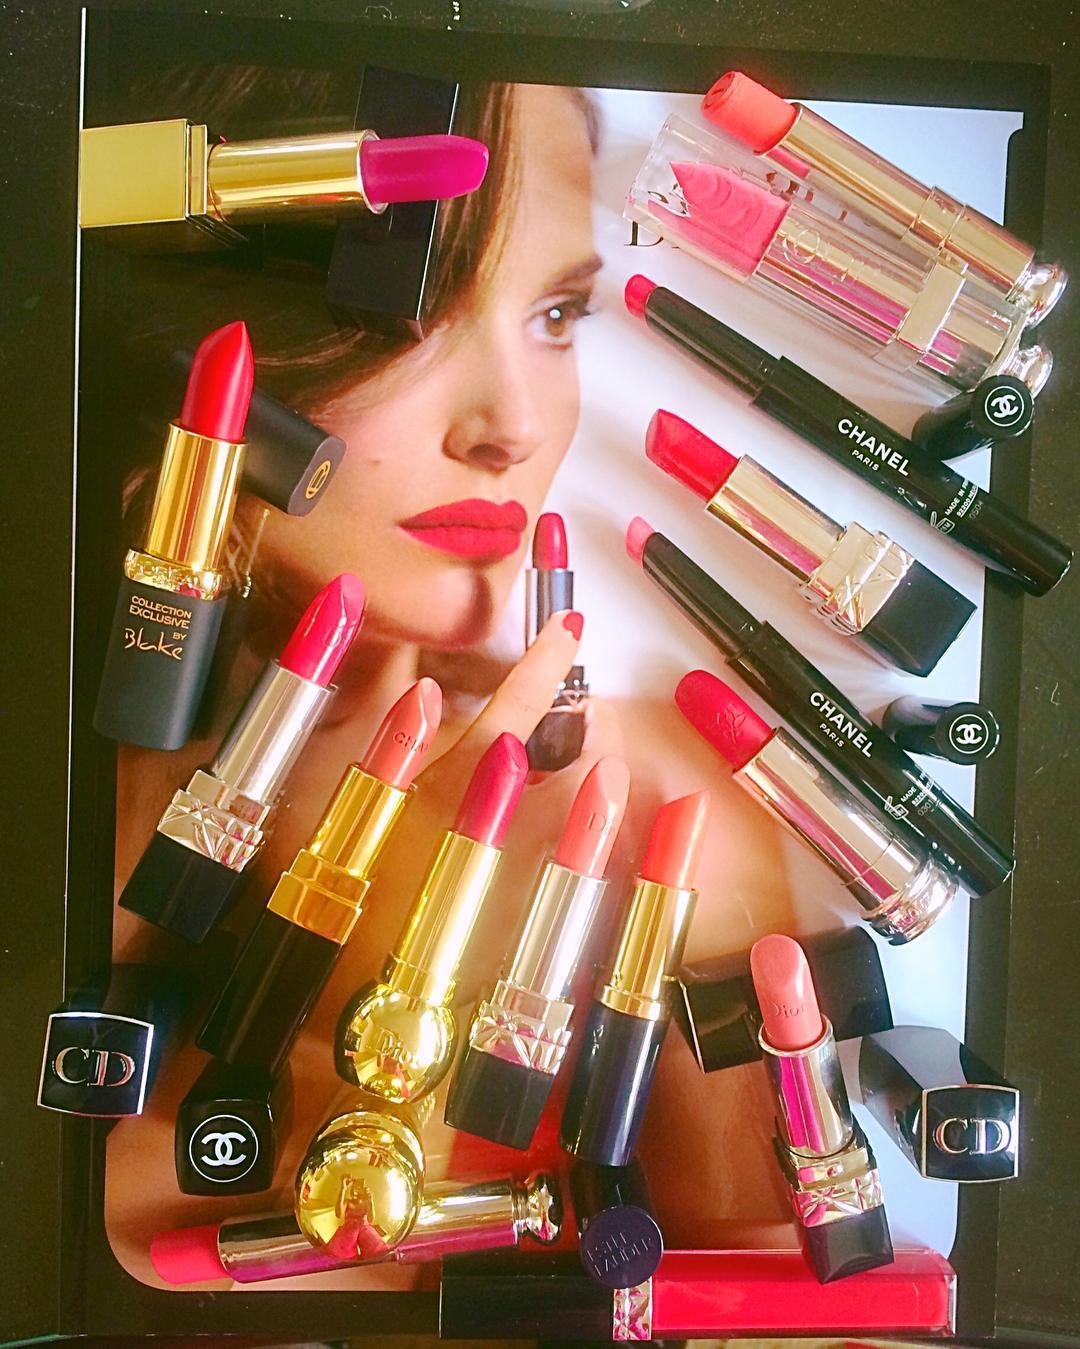 New Dior Ad